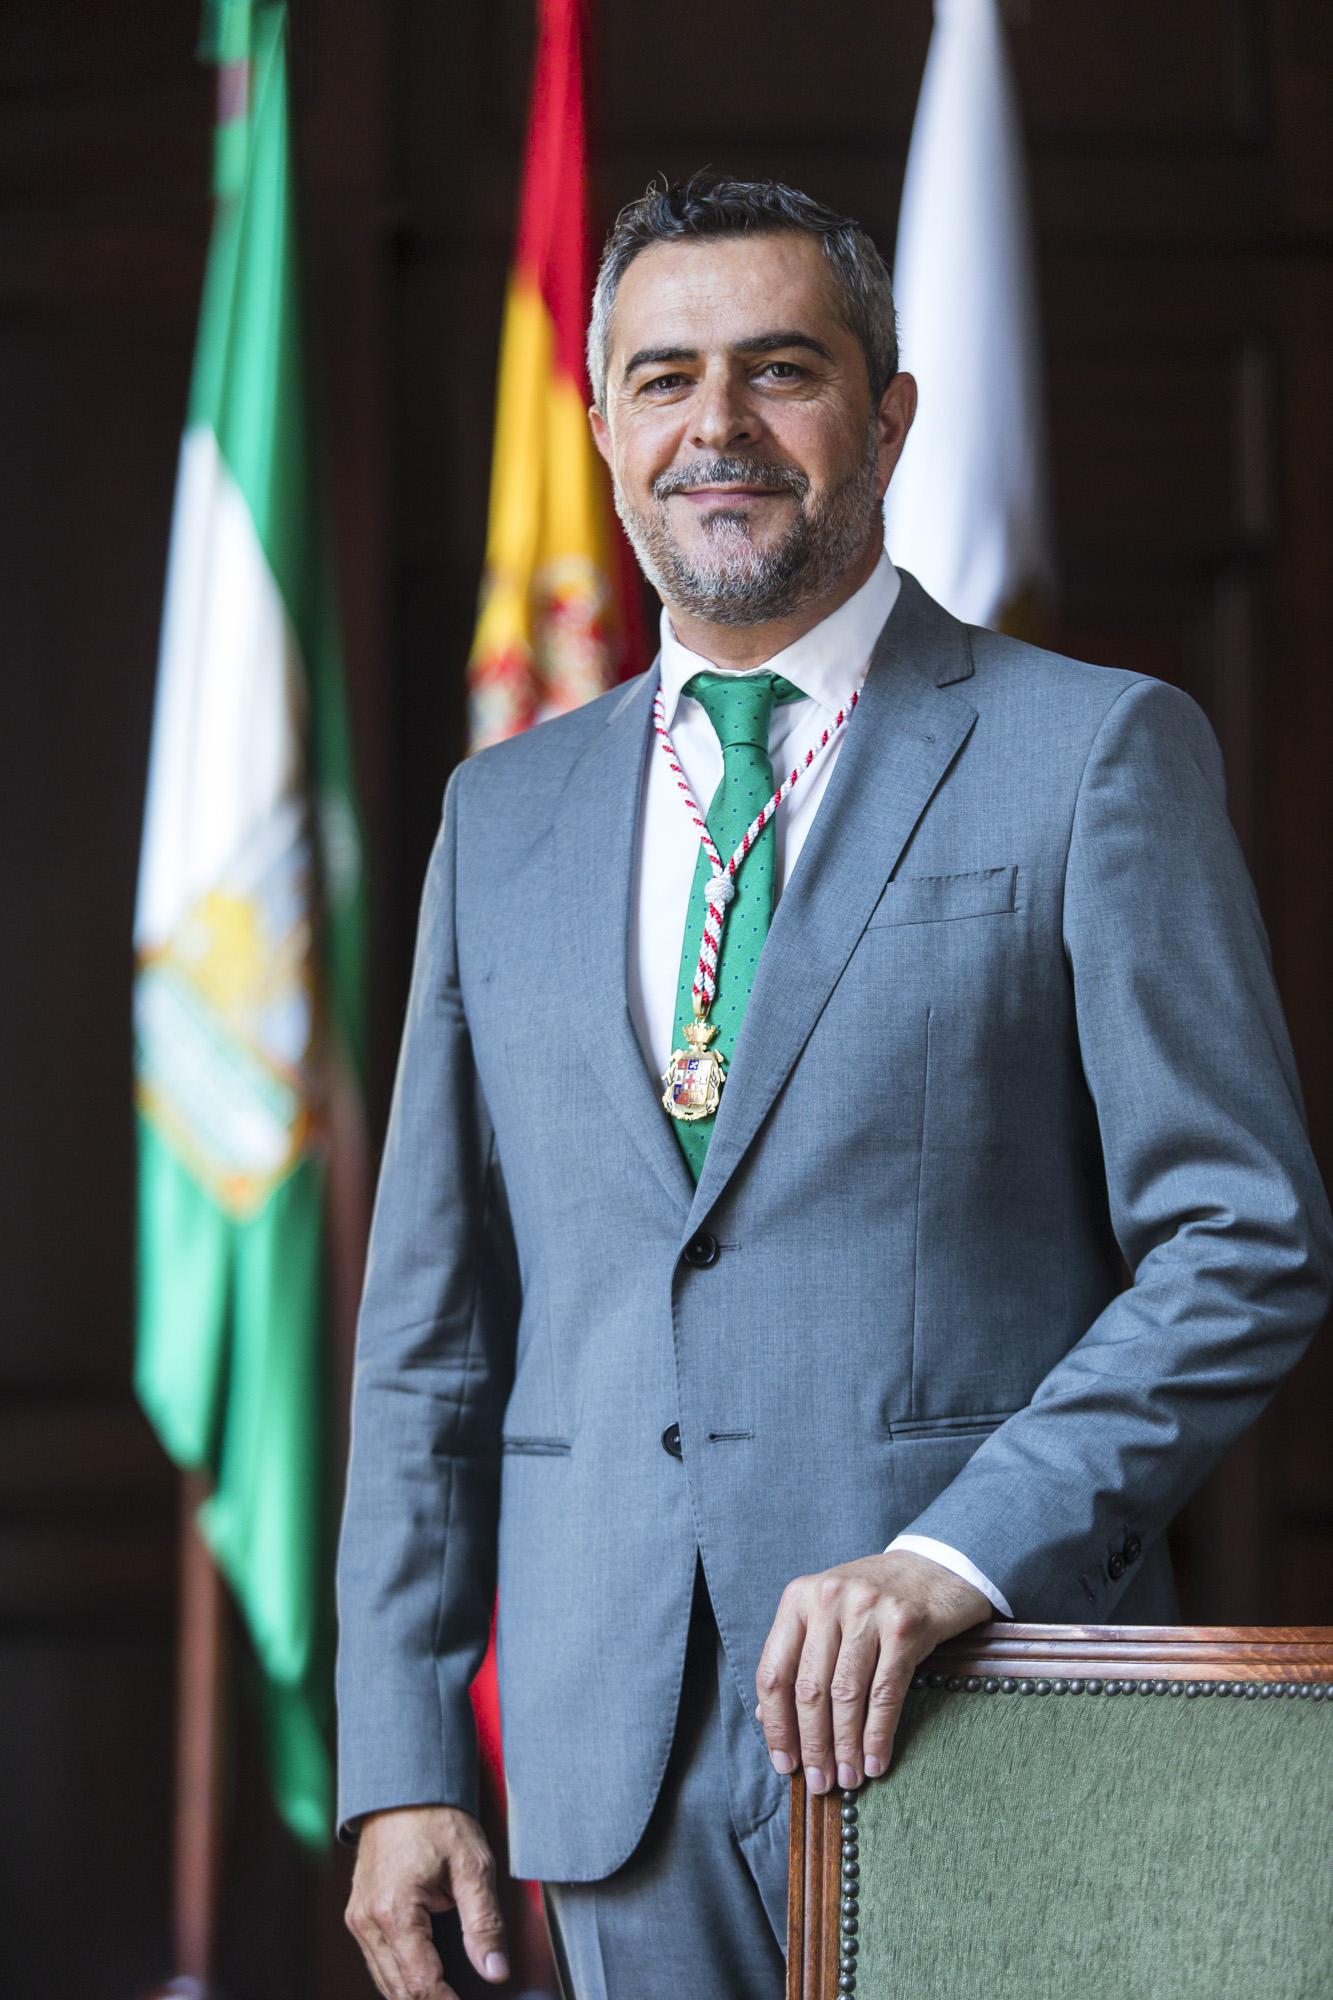 Juan Antonio Lorenzo Cazorla